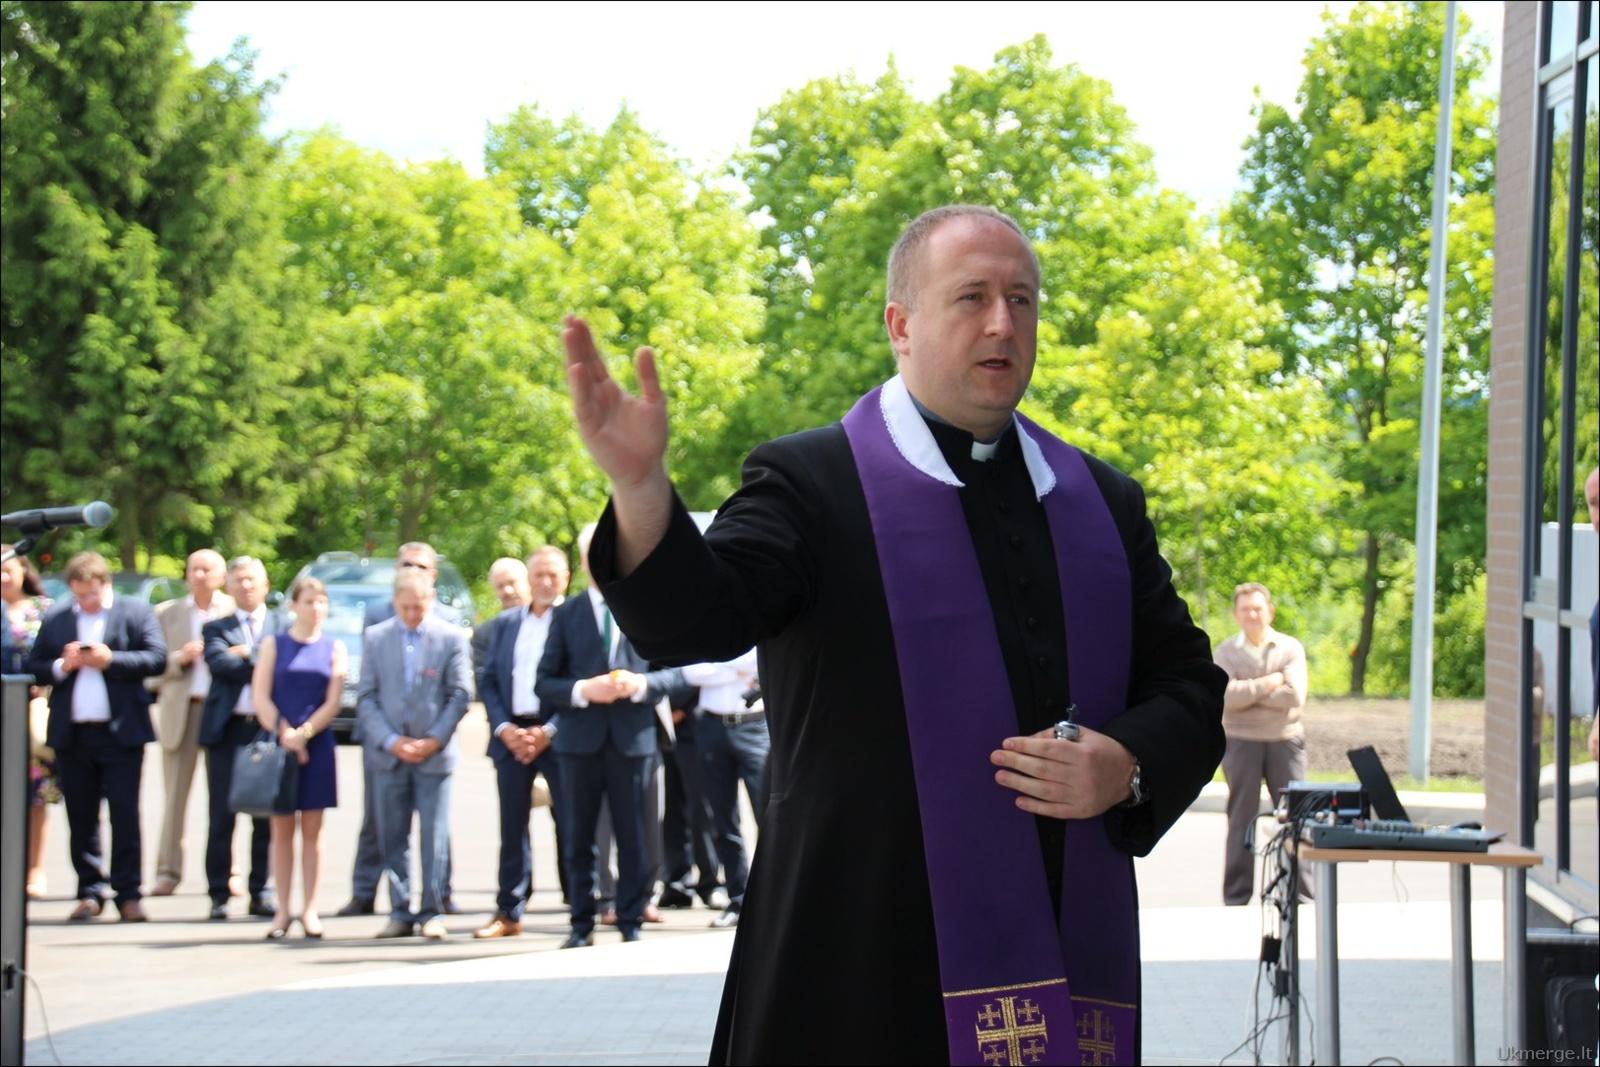 Meilės drama: Ukmergėje dingo kunigas, jis, pasirodo, bažnyčią iškeitė į moterį